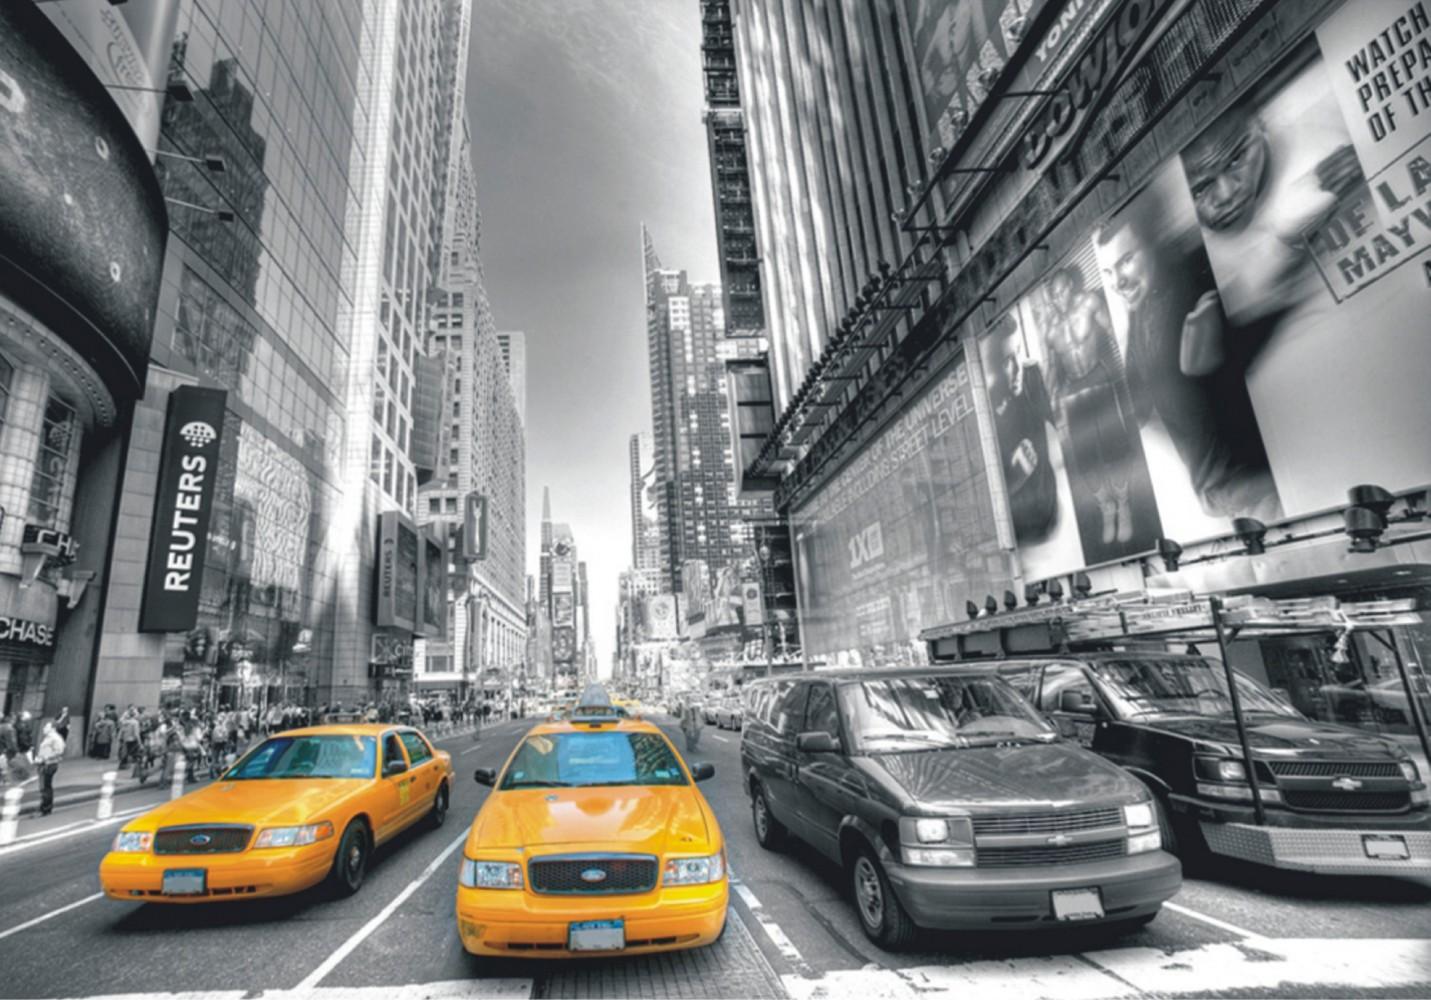 Wall mural non woven wallpaper New York Taxi Yellow Cap Manhattan NYC 1431x1000